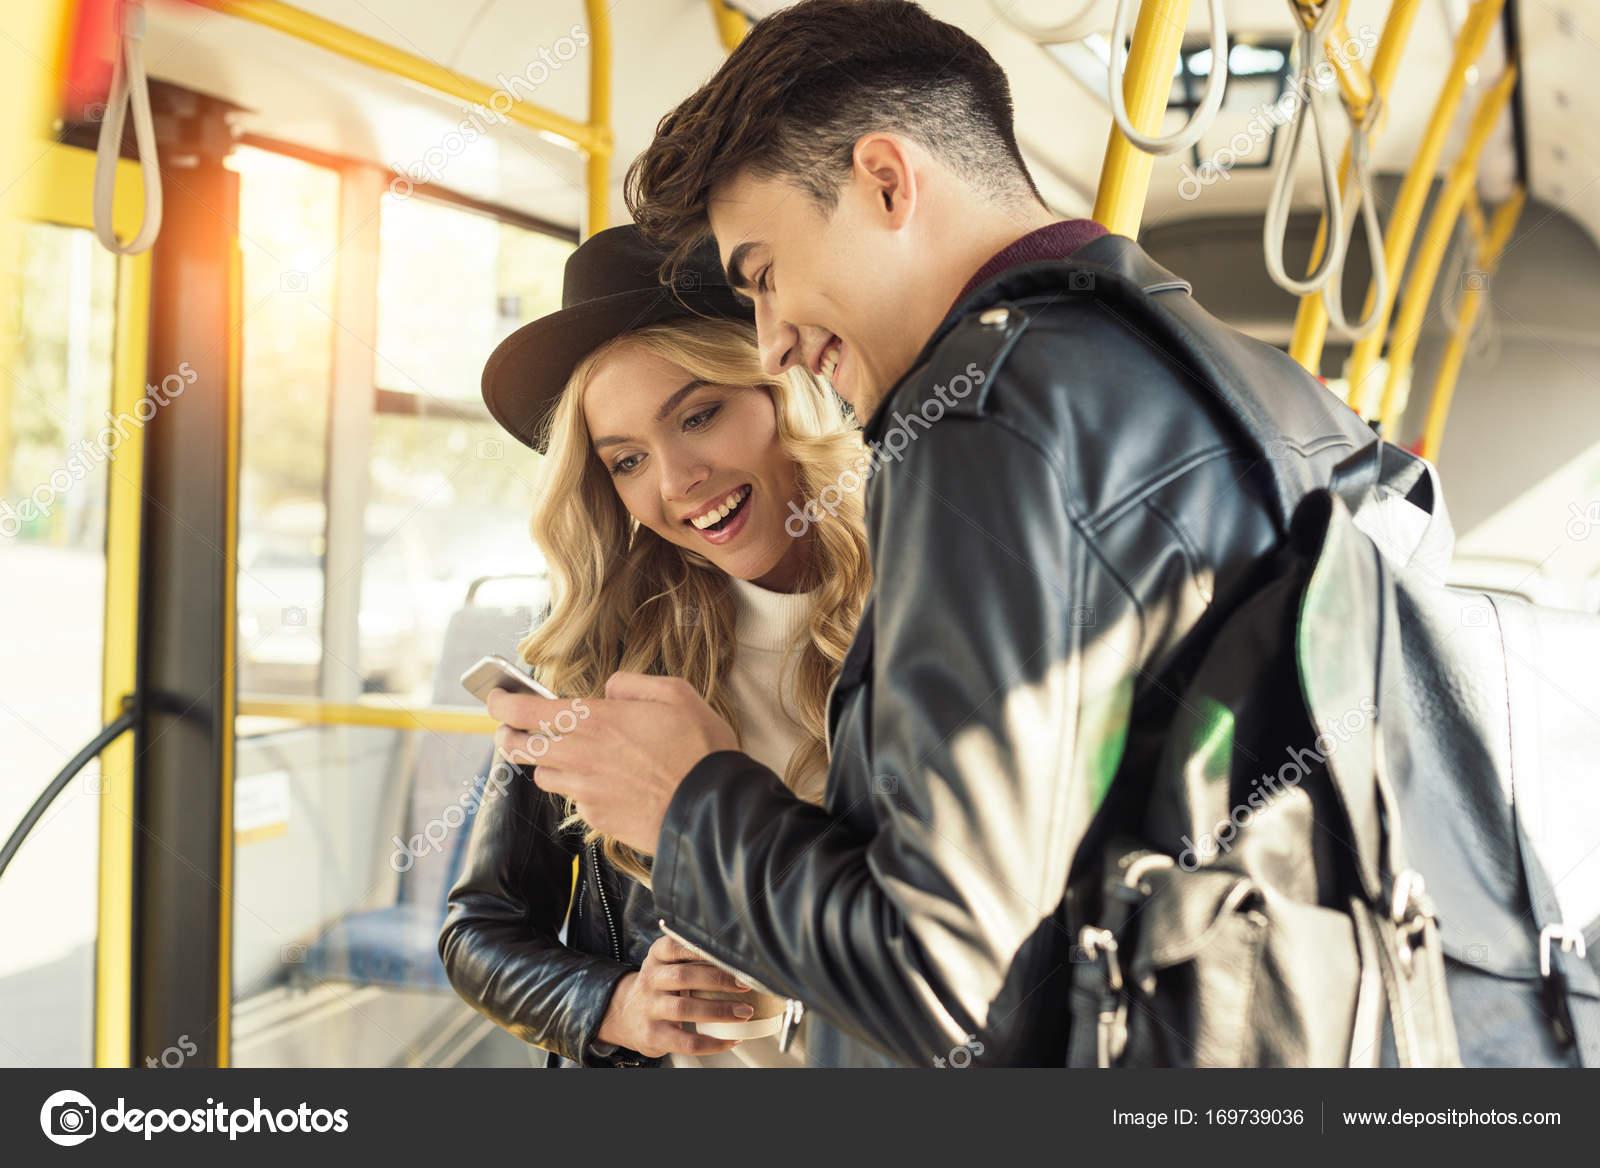 krasotki-laski-v-transporte-russkih-rannih